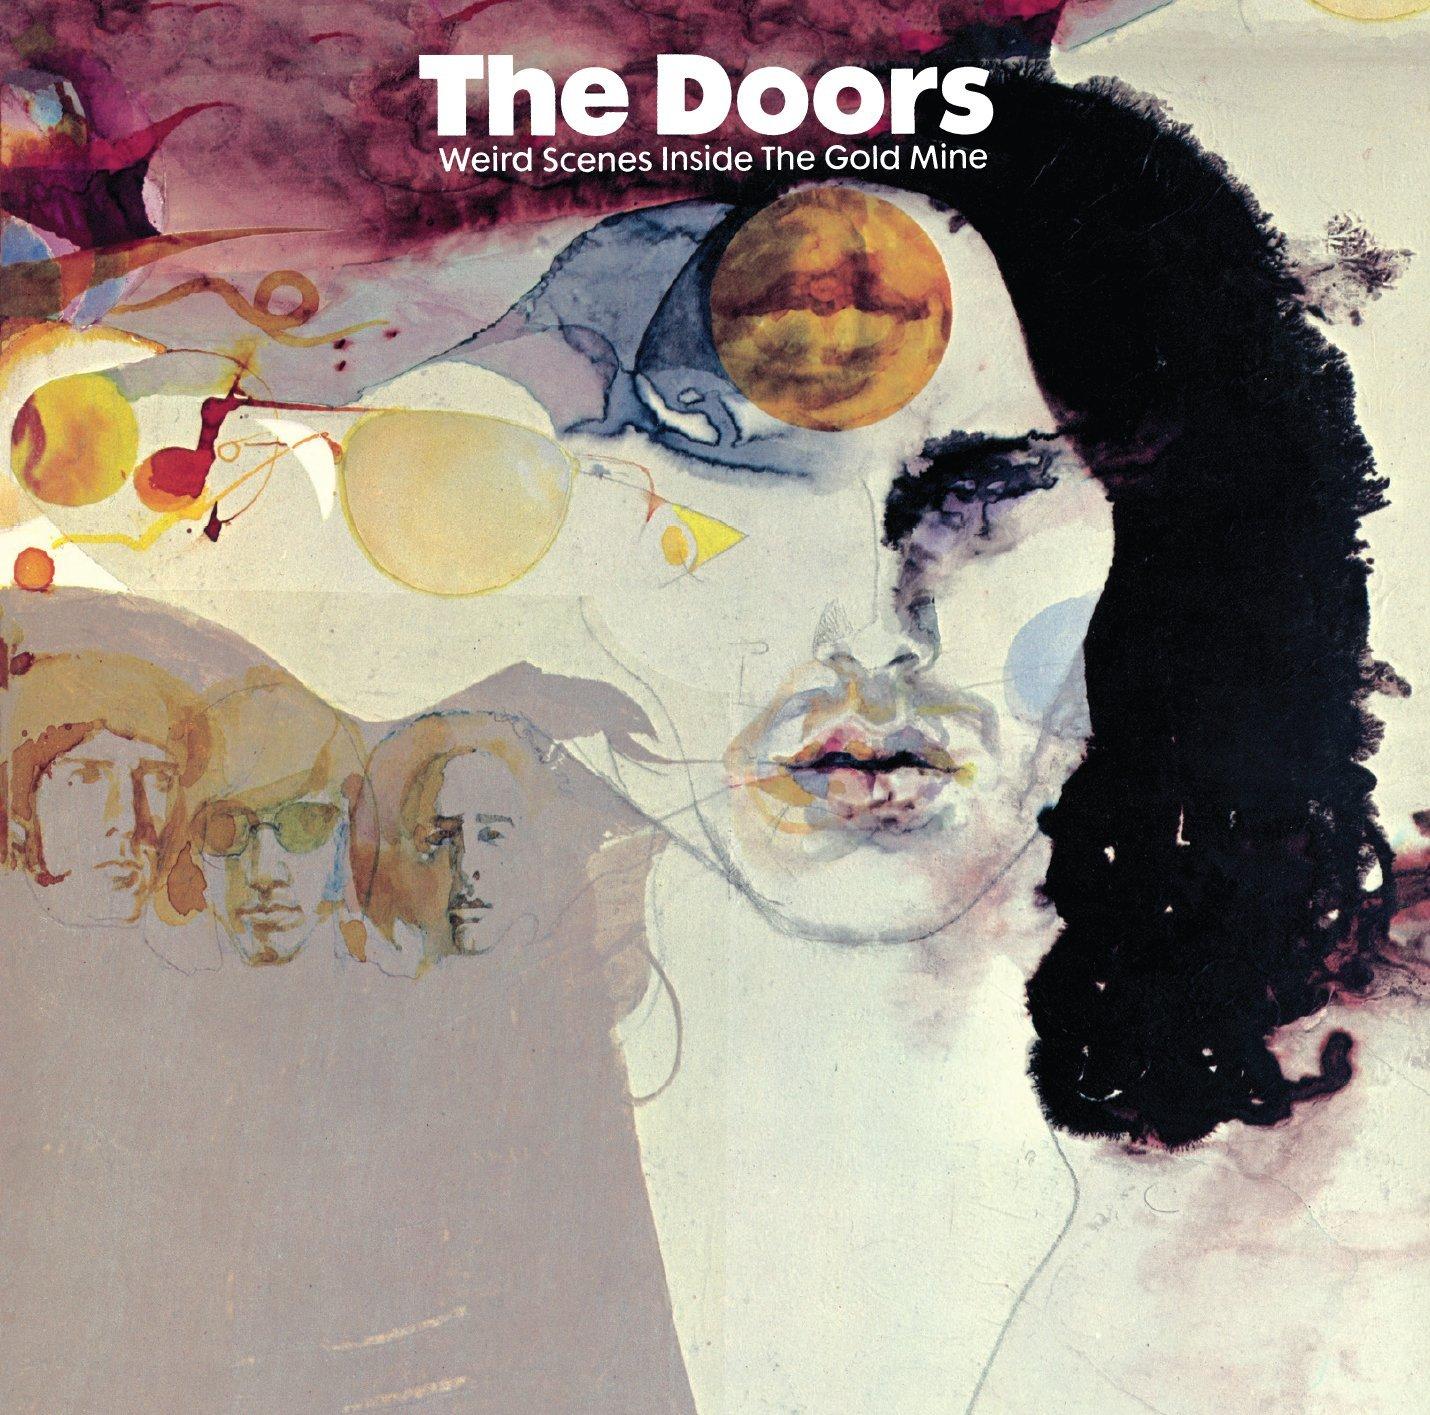 THE-DOORS-Weird-Scenes-Inside-The-Goldmine-LP-Vinyl-2014-BRAND-NEW